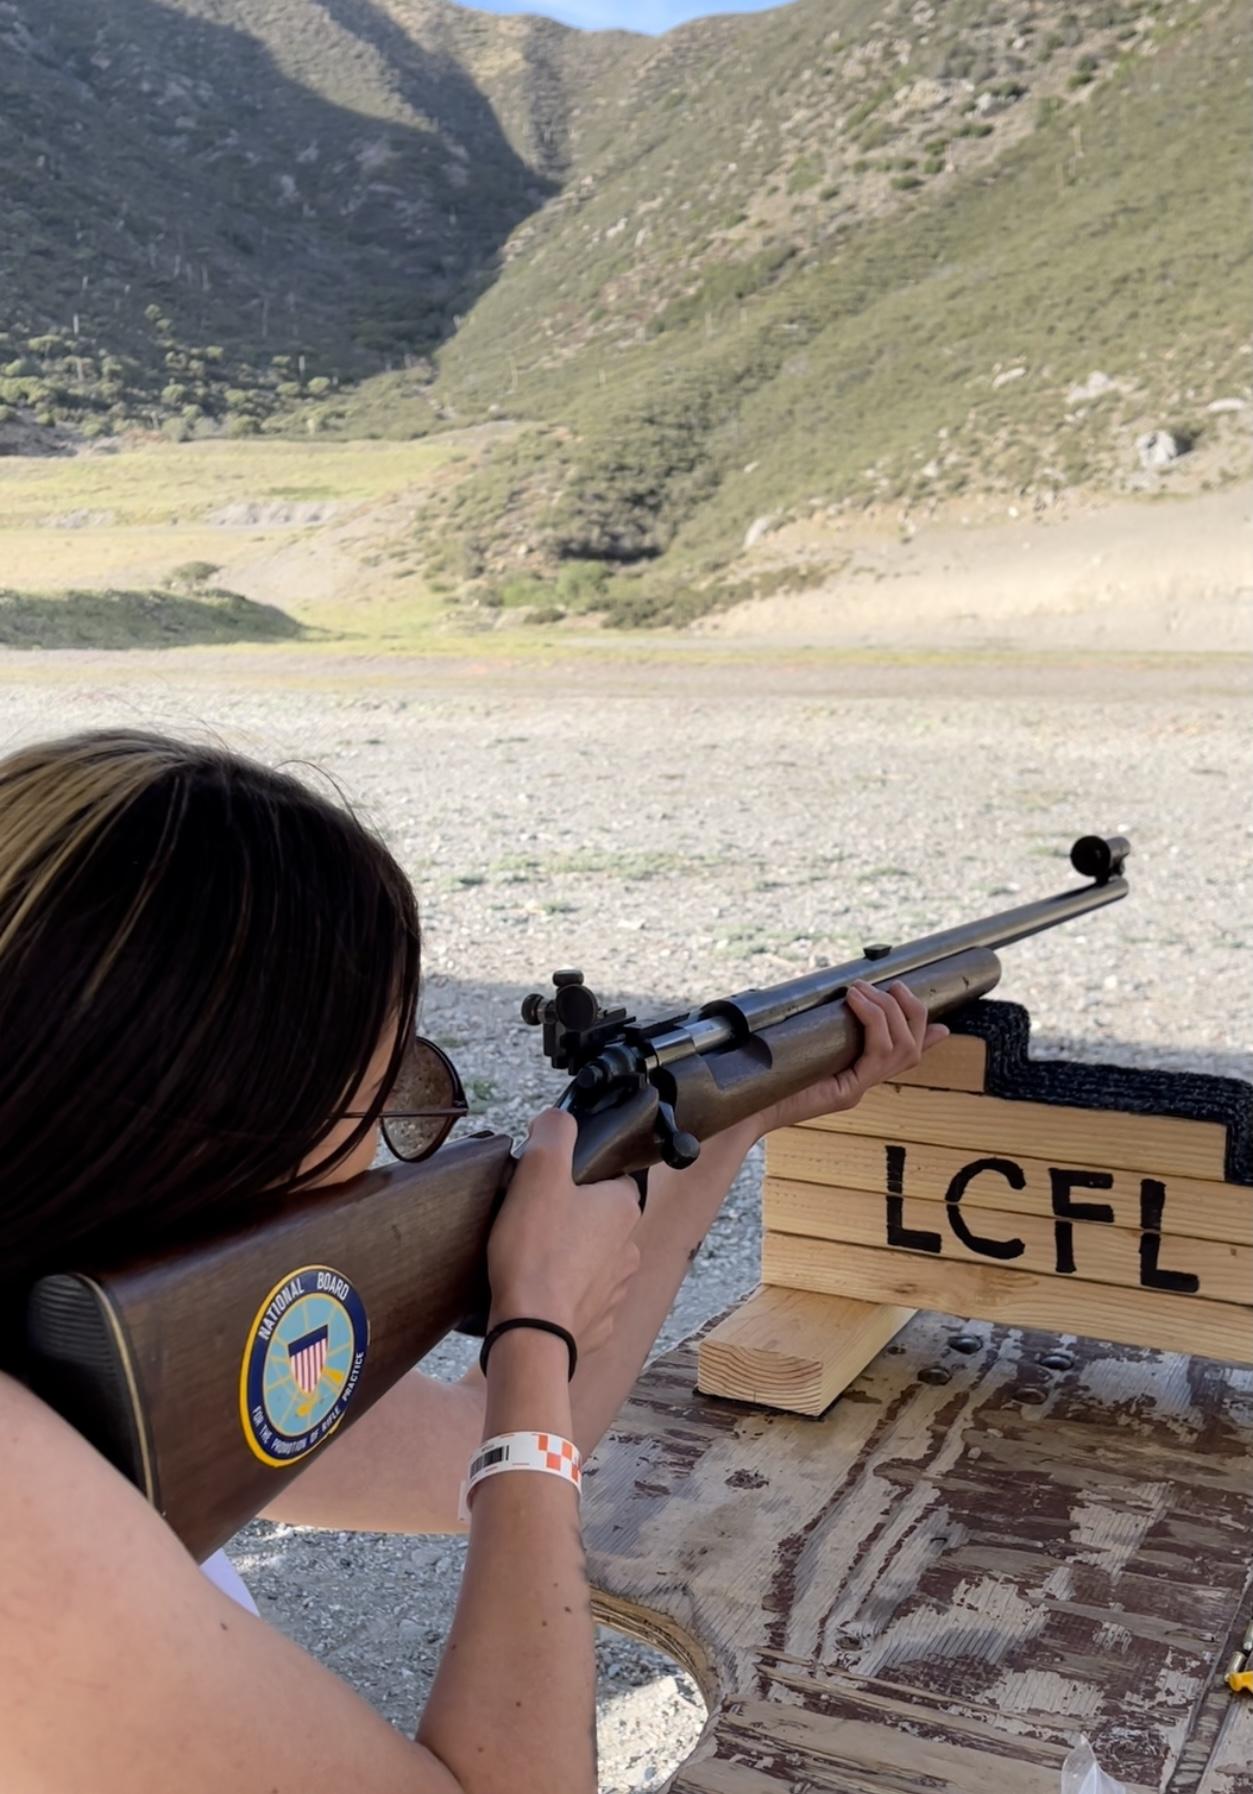 FFF at LCFL